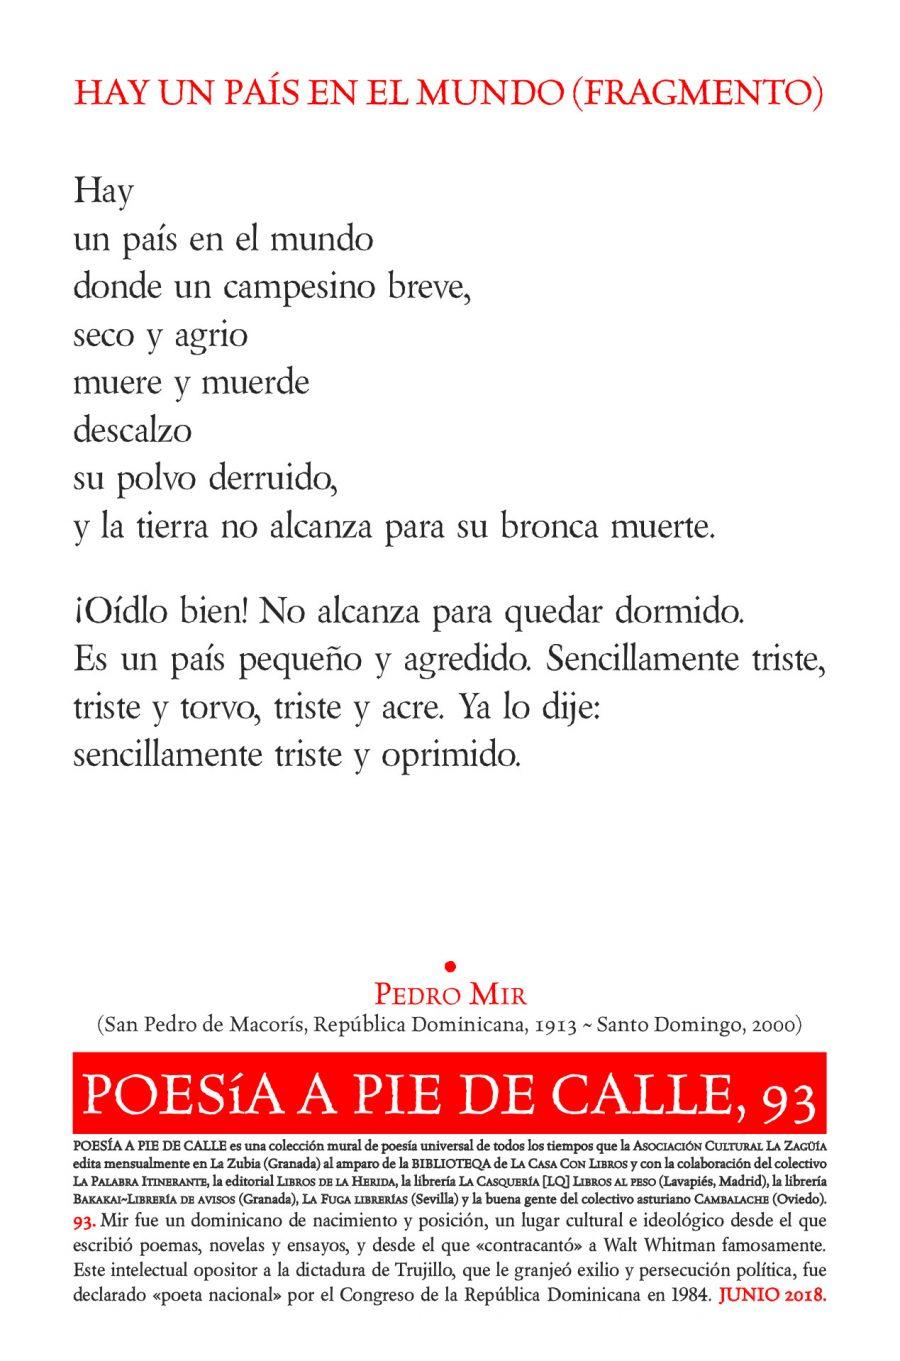 POESÍA A PIE DE CALLE, 93: HAY UN PAÍS EN EL MUNDO (FRAGMENTO), DE PEDRO MIR